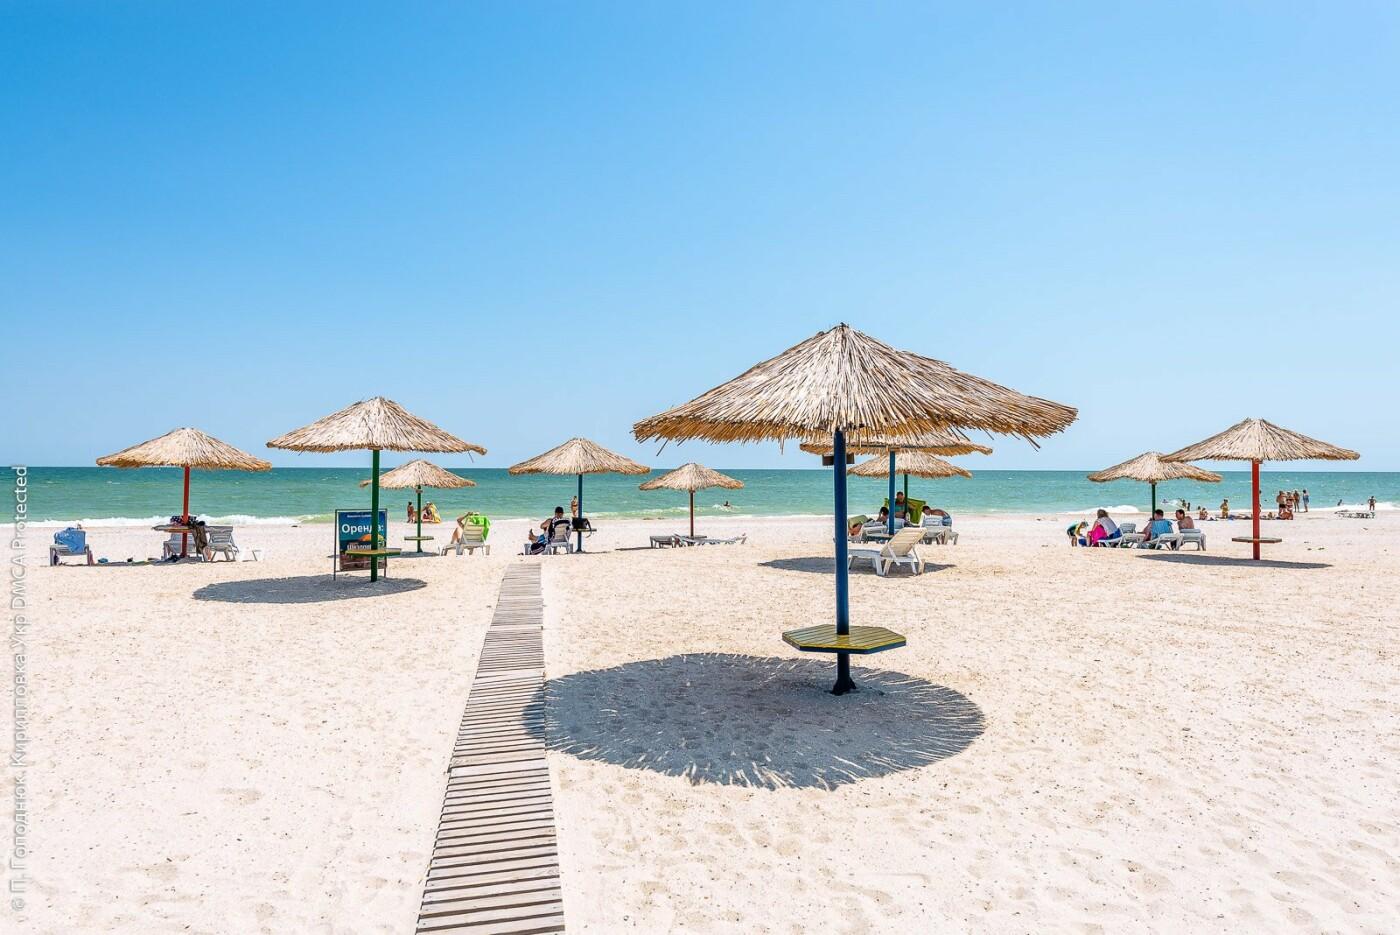 Украинские «Мальдивы»: ТОП-5 безлюдных мест для пляжного отдыха в Украине, - ФОТО, фото-1